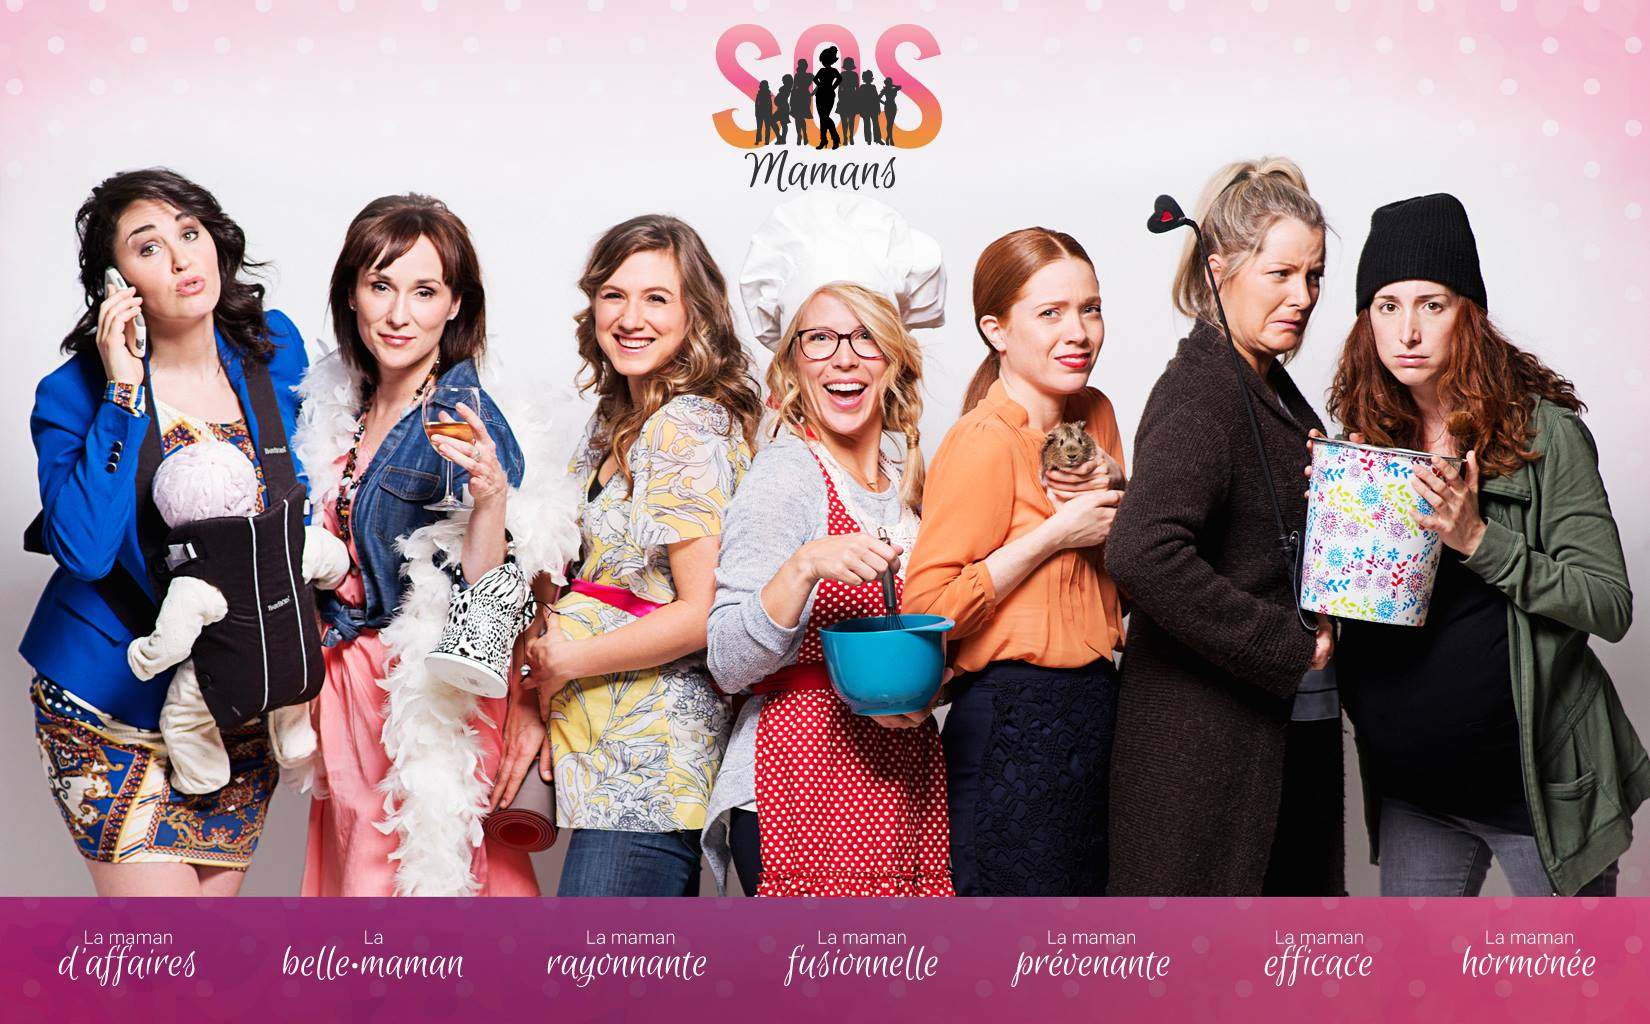 SOS Maman webserie